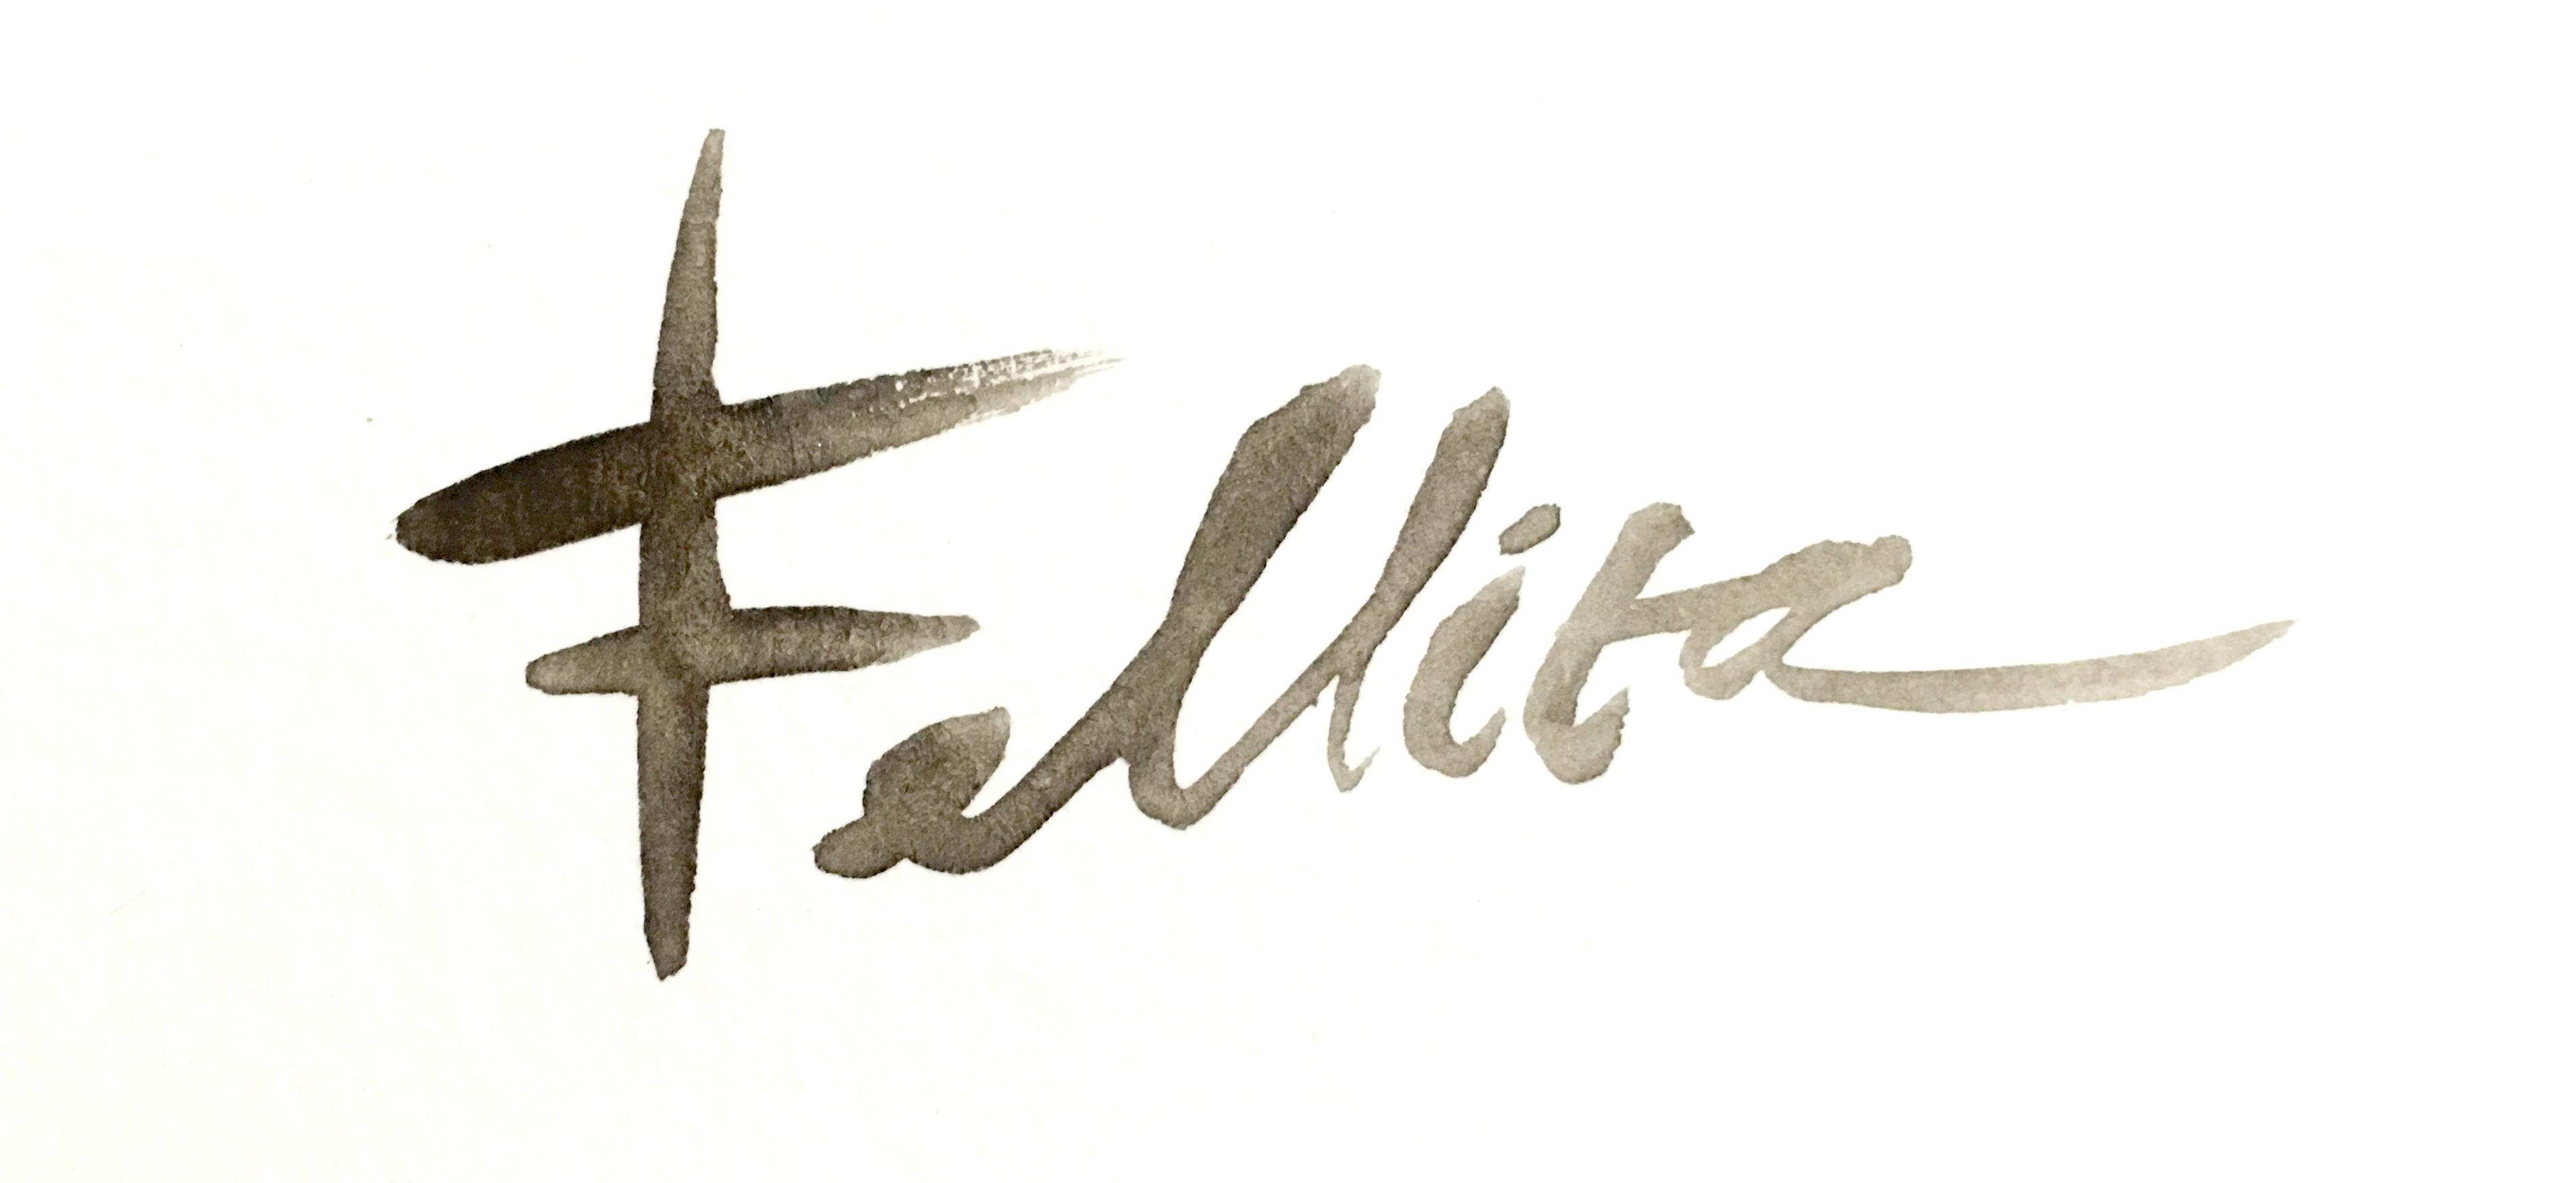 Fellita Priscilla Signature